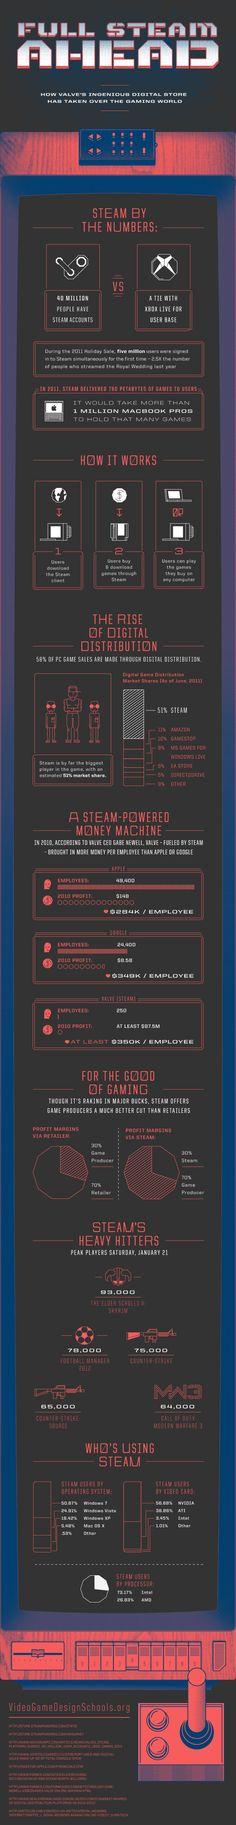 Full Stean Ahead - Información sobre Steam por TusJuegos.com, descargas de videojuegos